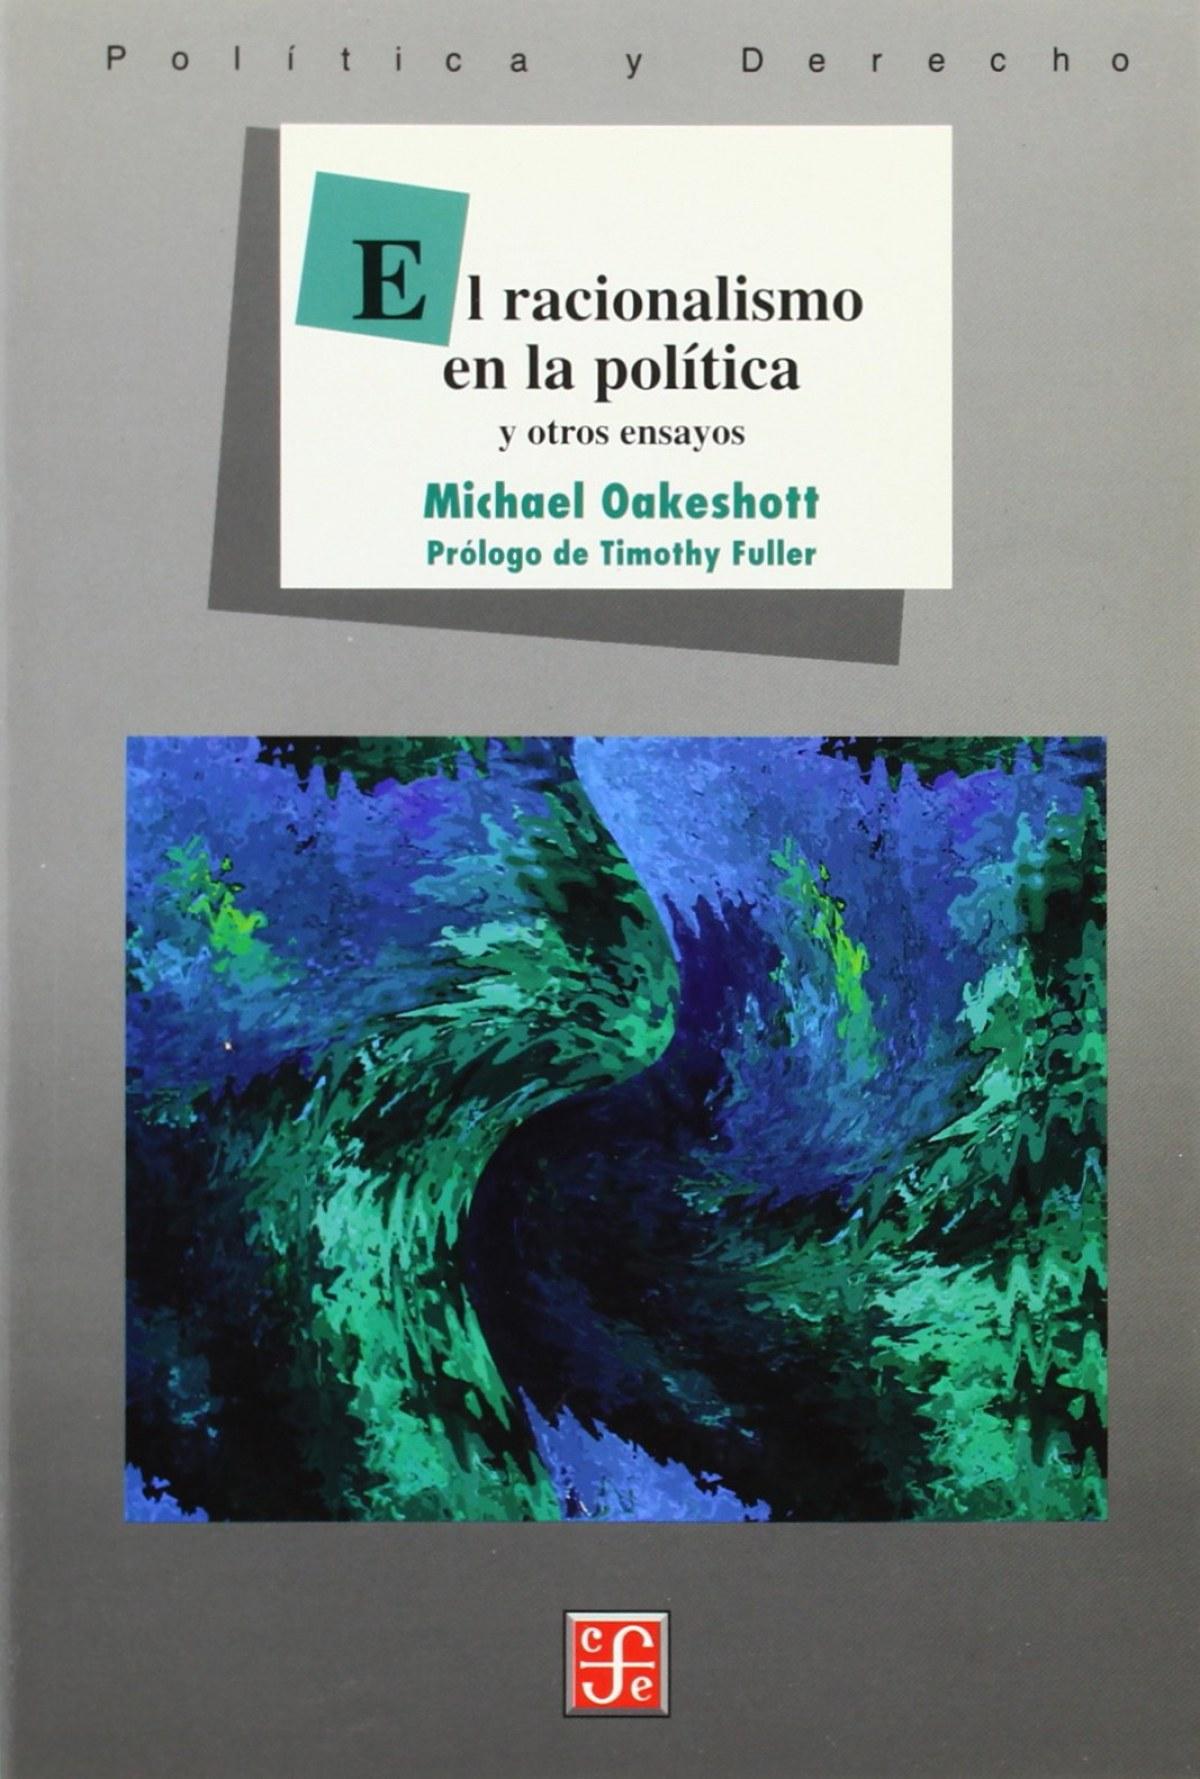 El racionalismo en la política y otros ensayos